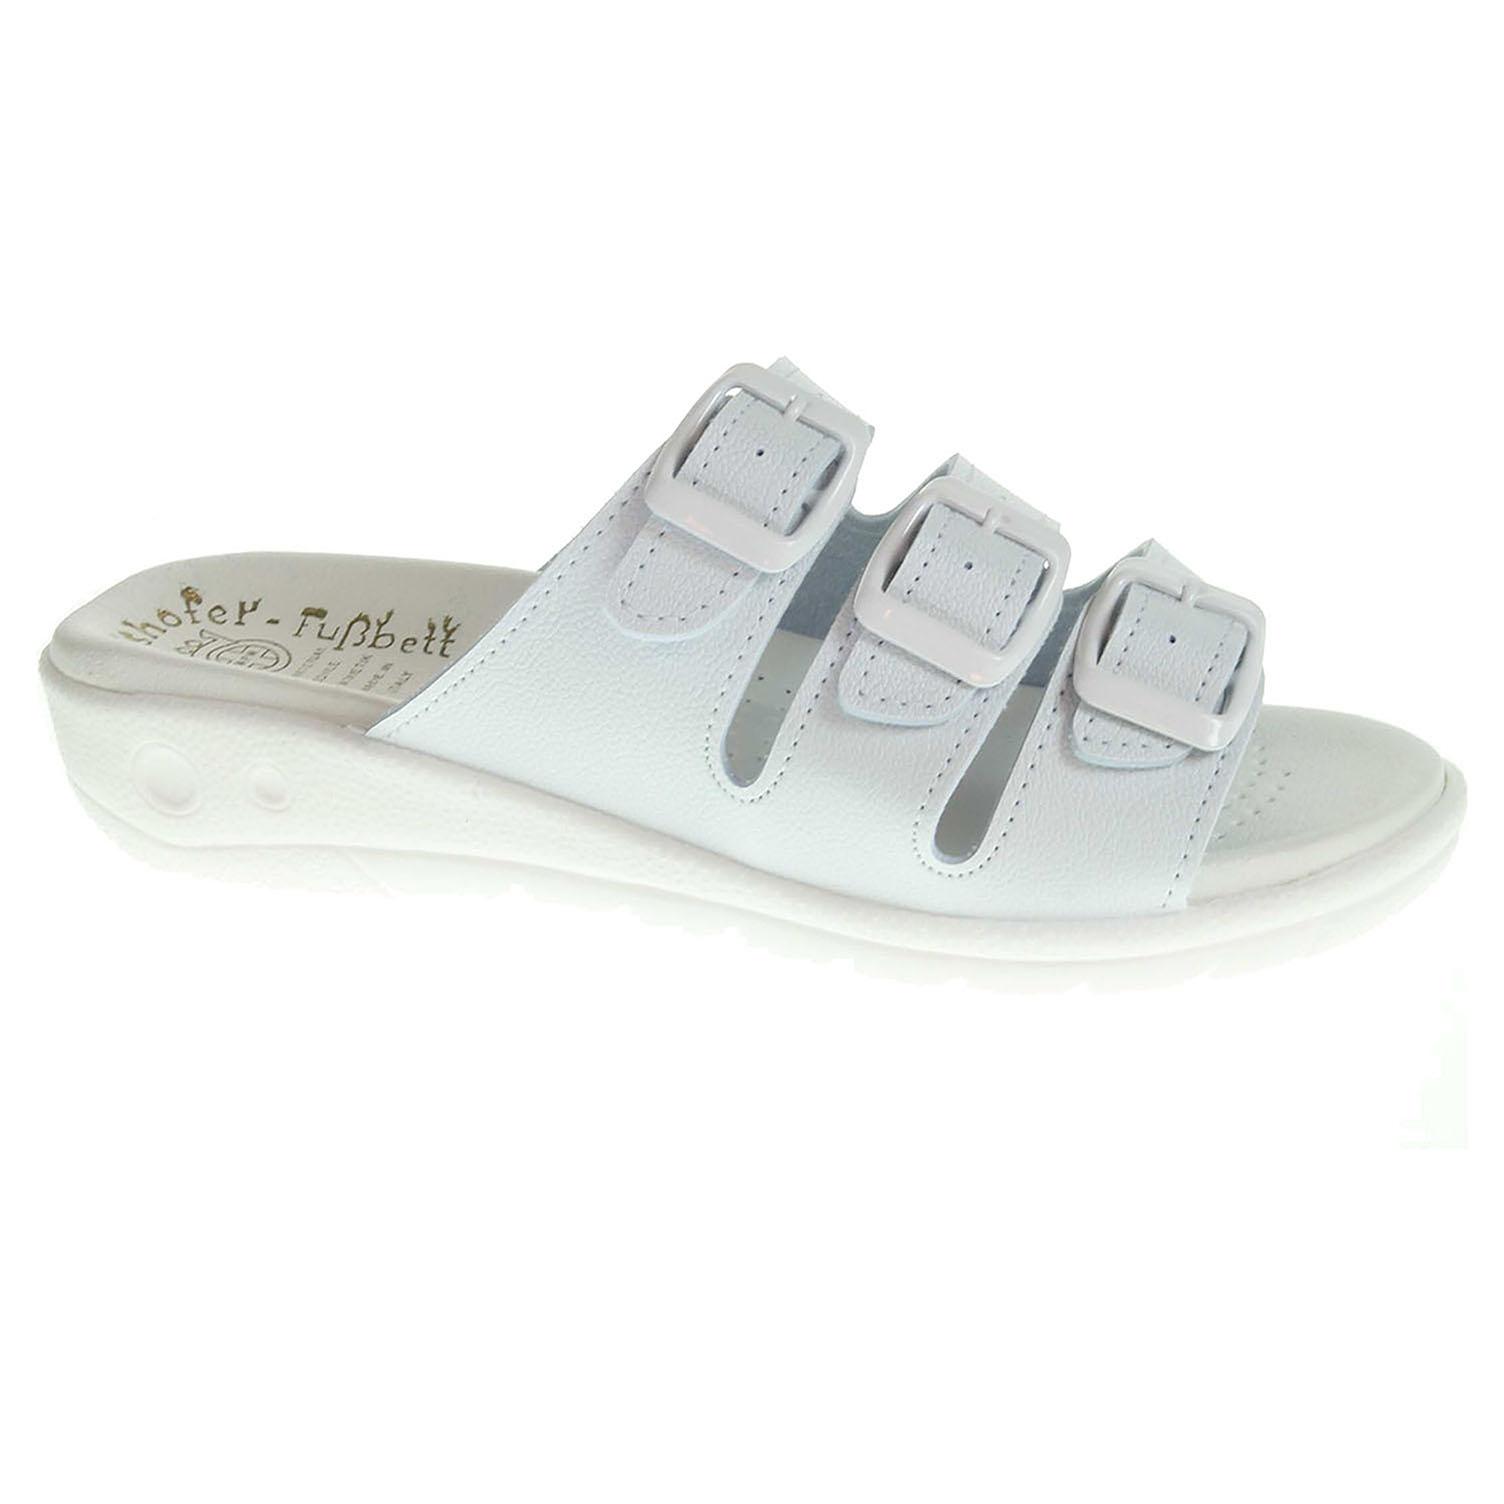 Dámské pantofle 5-20103 bílé 5-20103 bílá 38